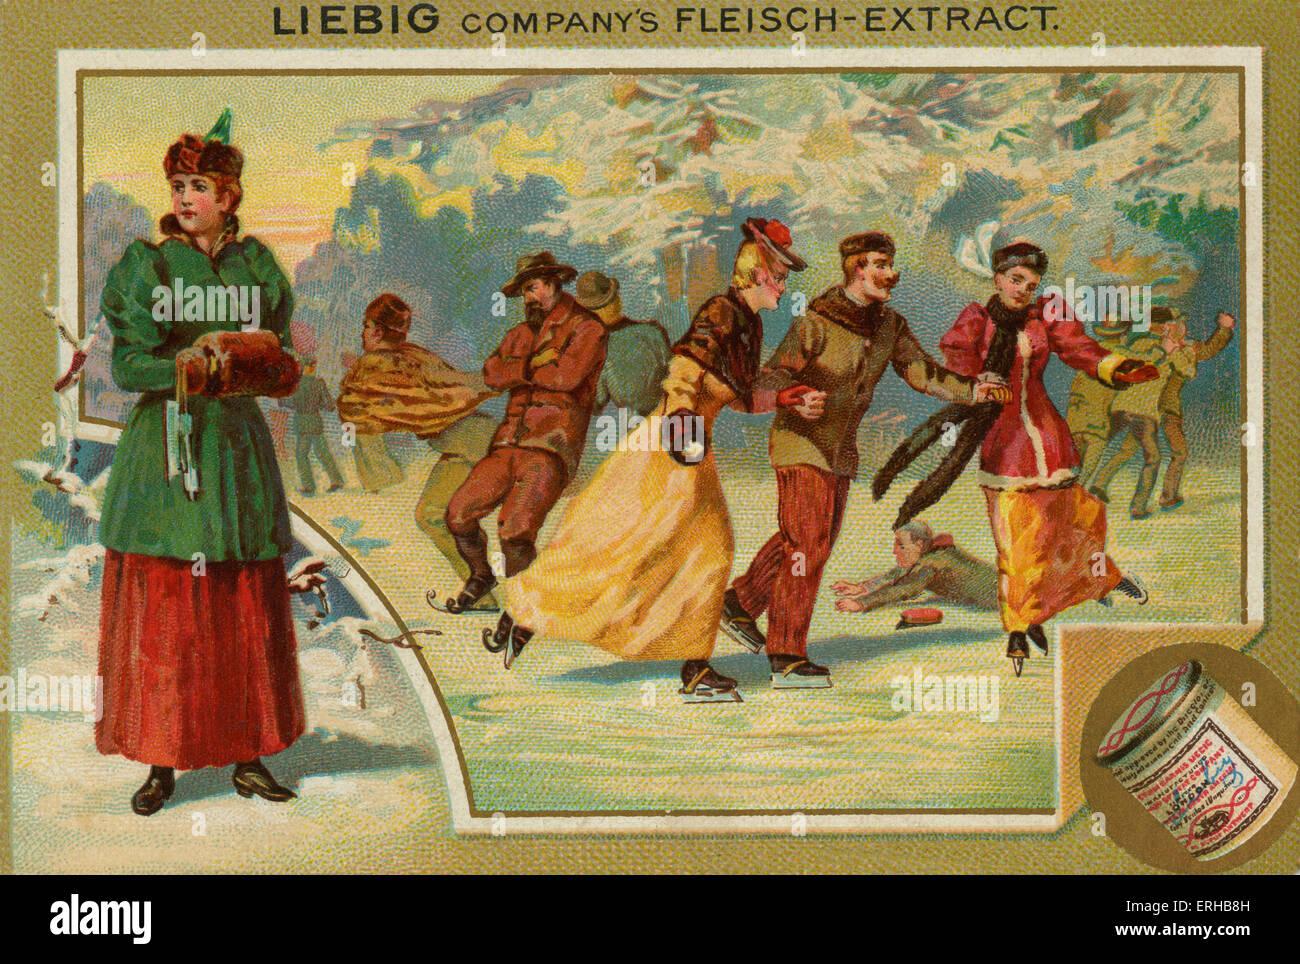 Patinar sobre hielo en un lago congelado . Tarjetas Liebig, Deportes, 1896. Imagen De Stock